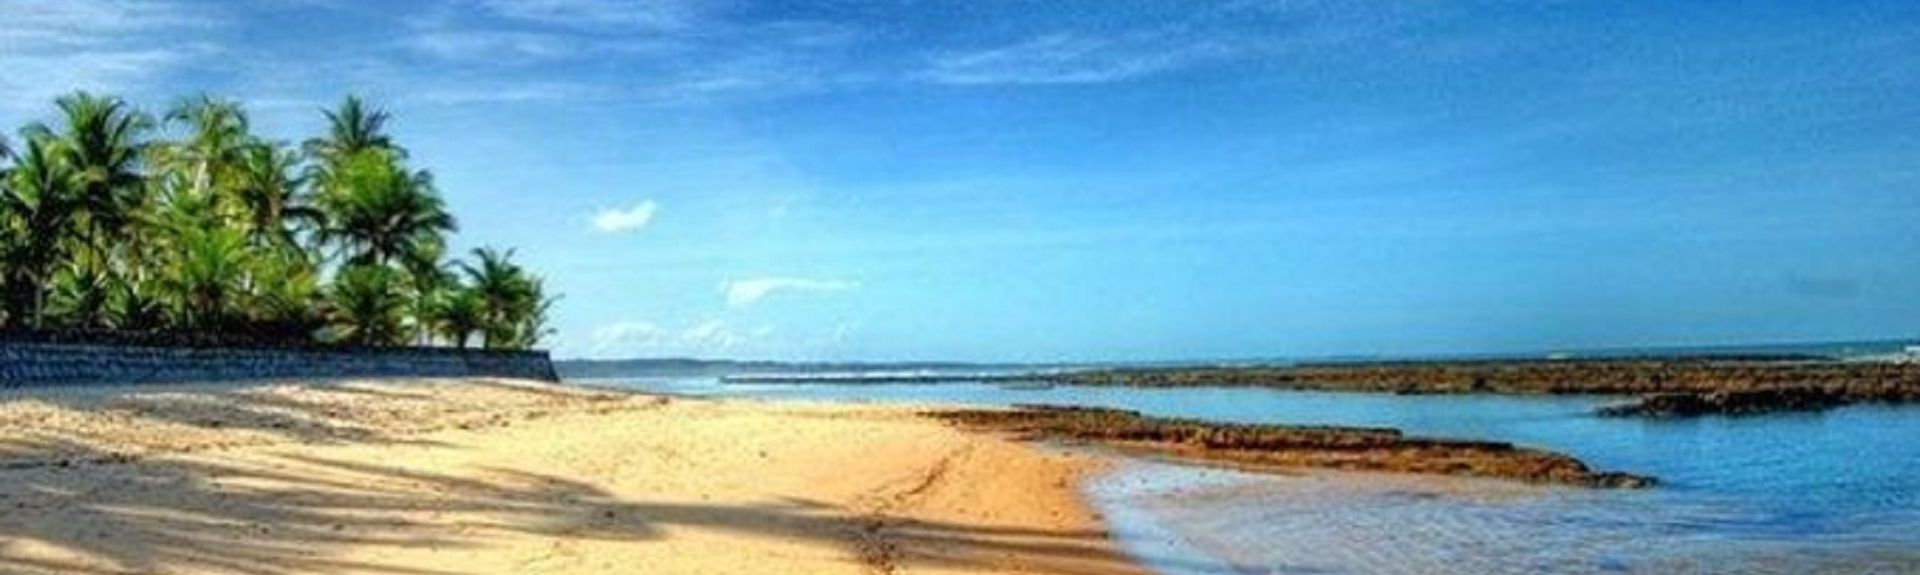 Îlot de la Coroa Vermelha, Santa Cruz Cabrália, Bahia, Brésil